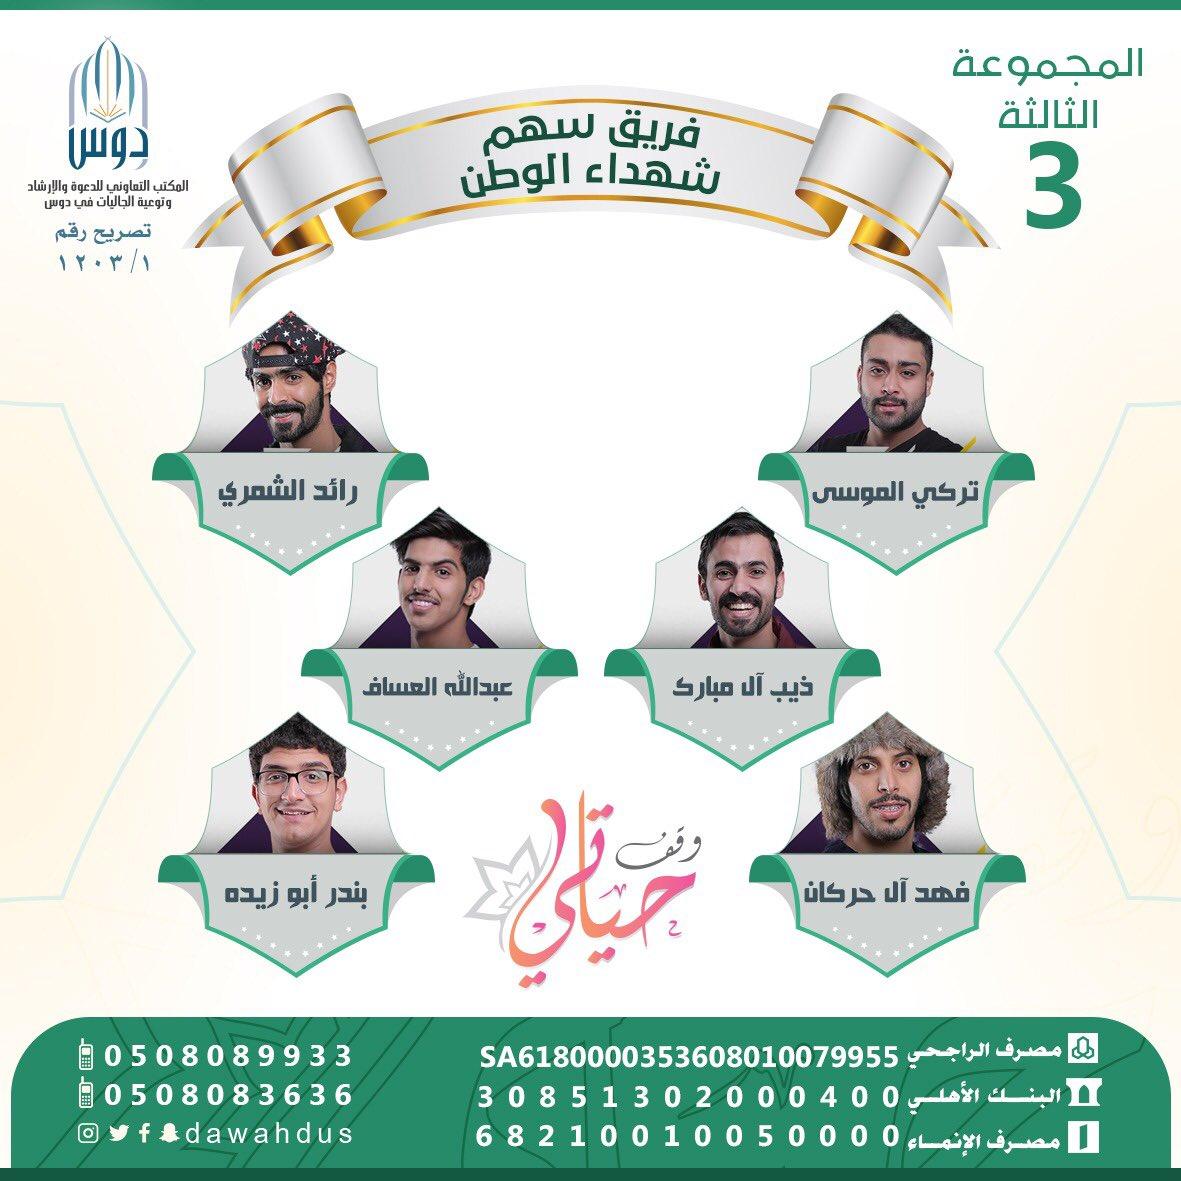 مكتب الدعوة بدوس's photo on #حياتك46